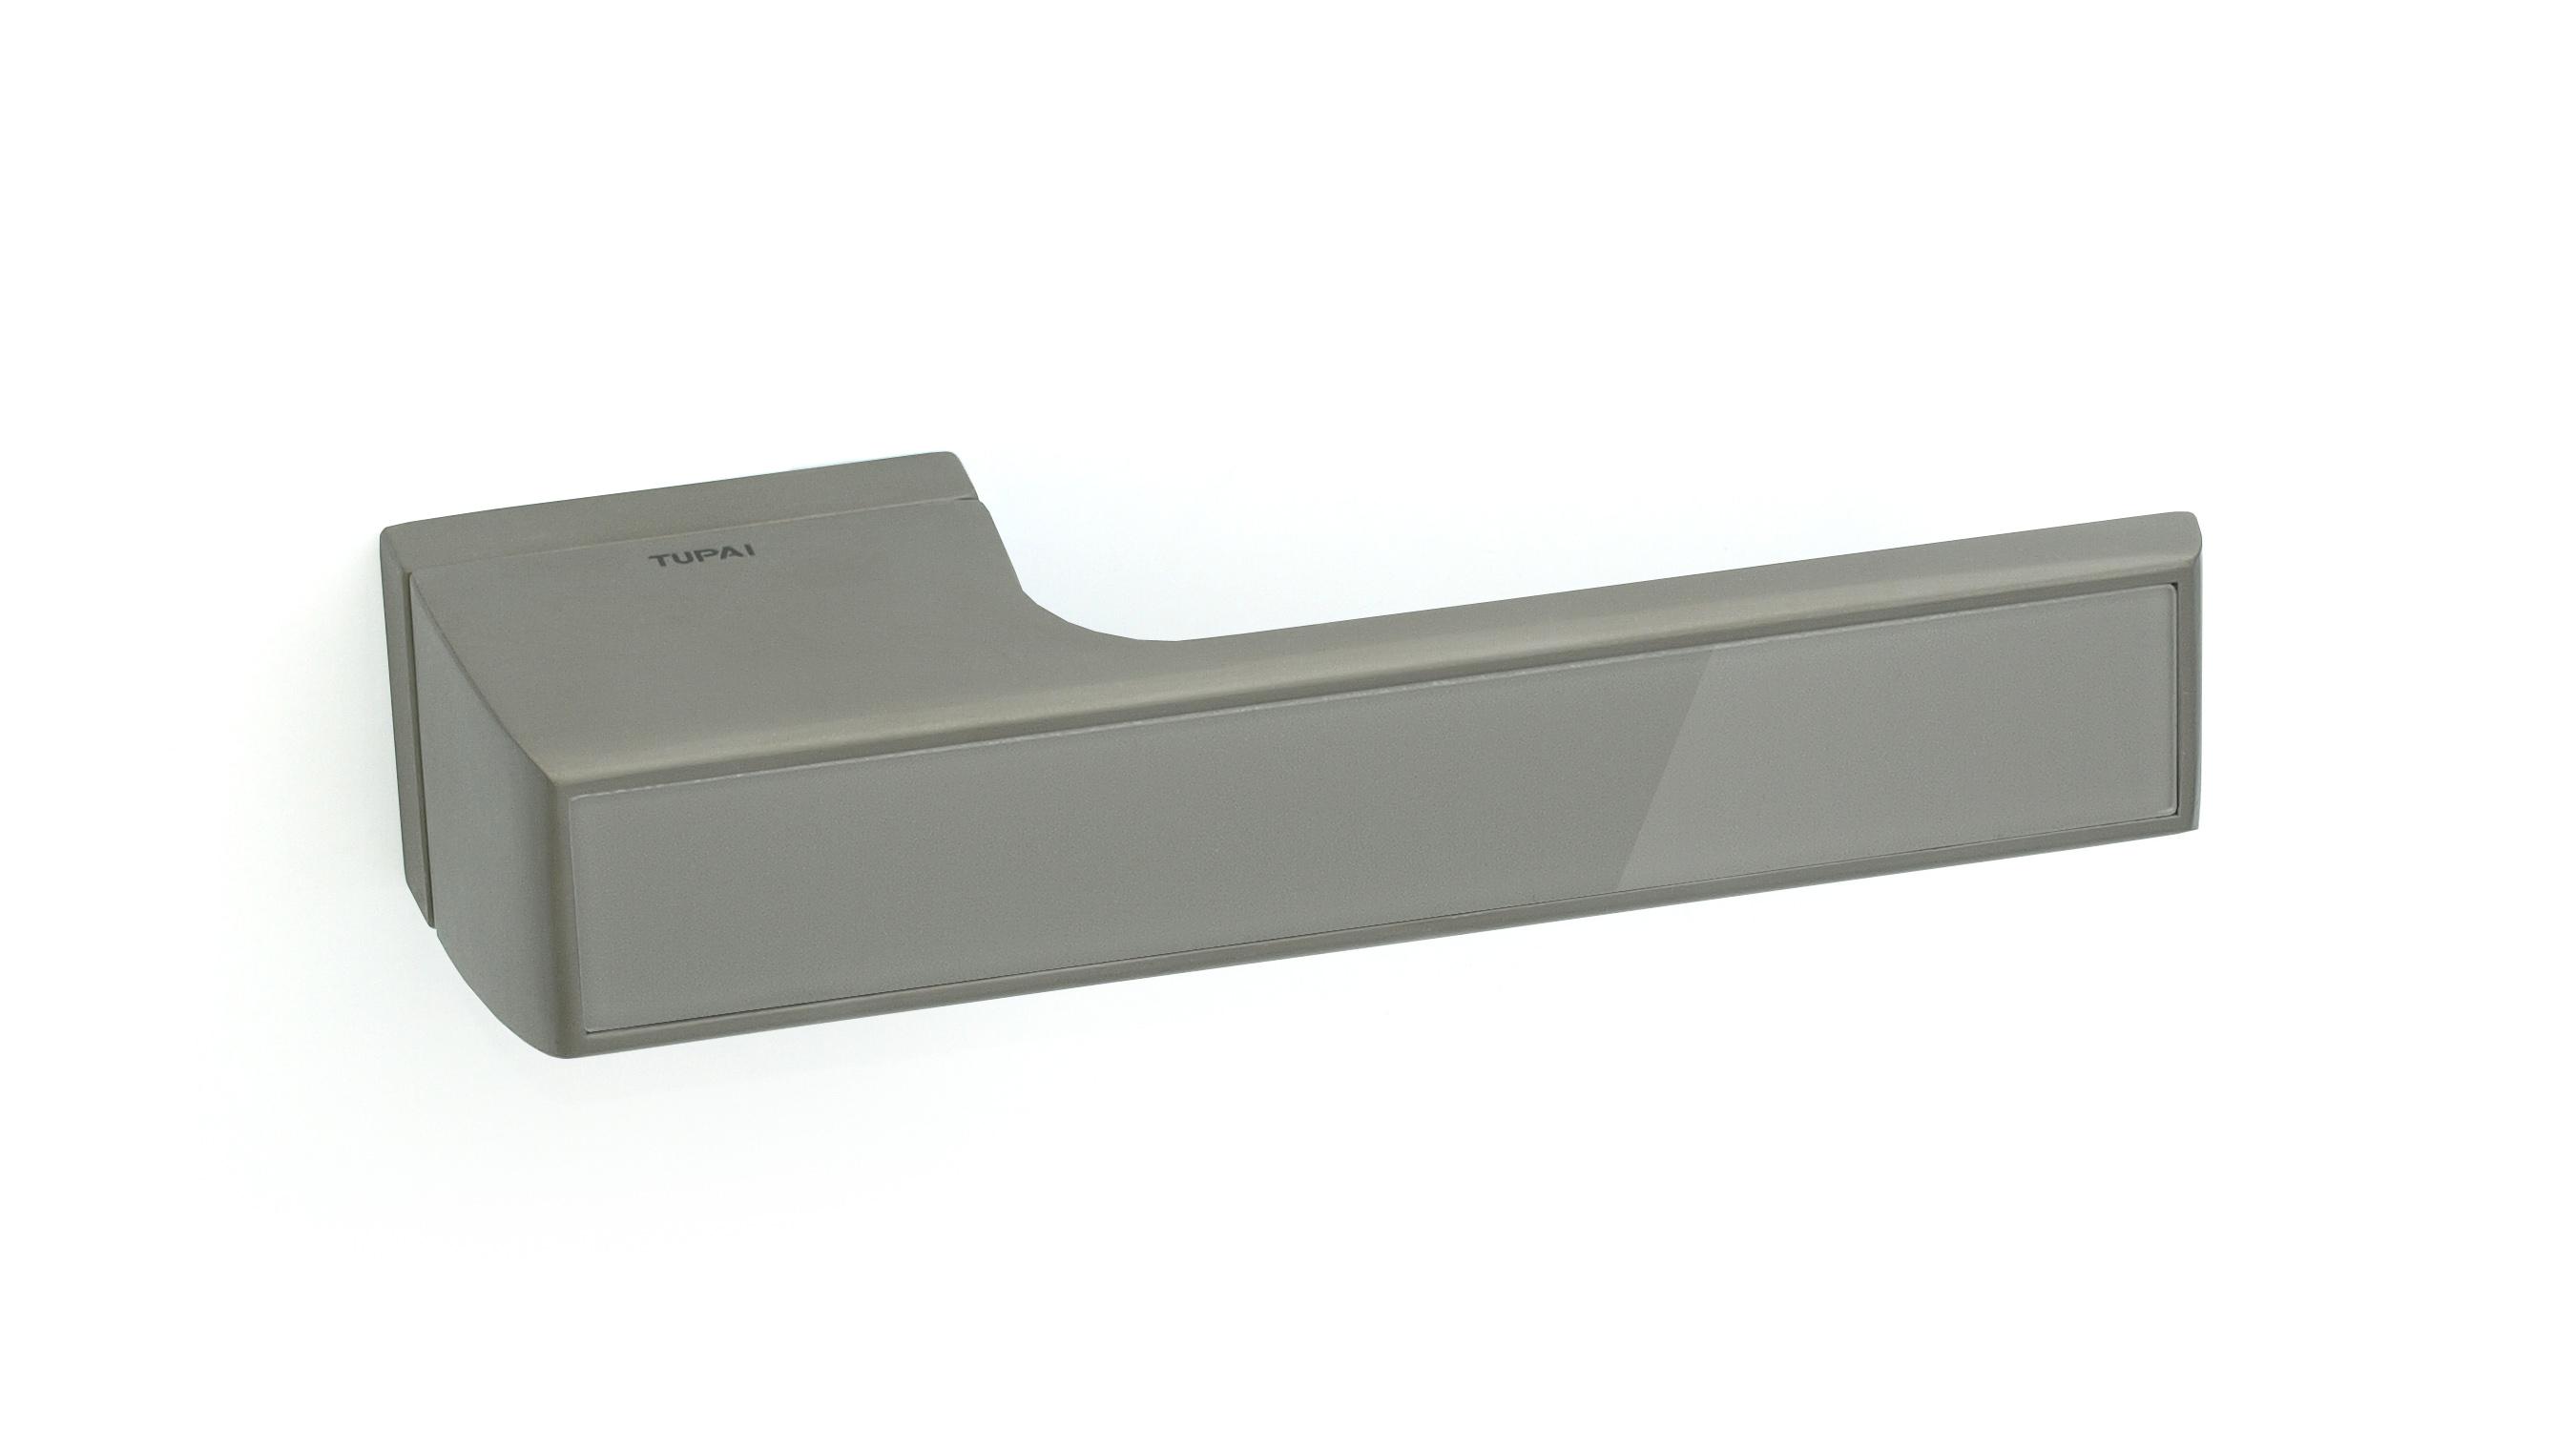 3089RT-141-gray